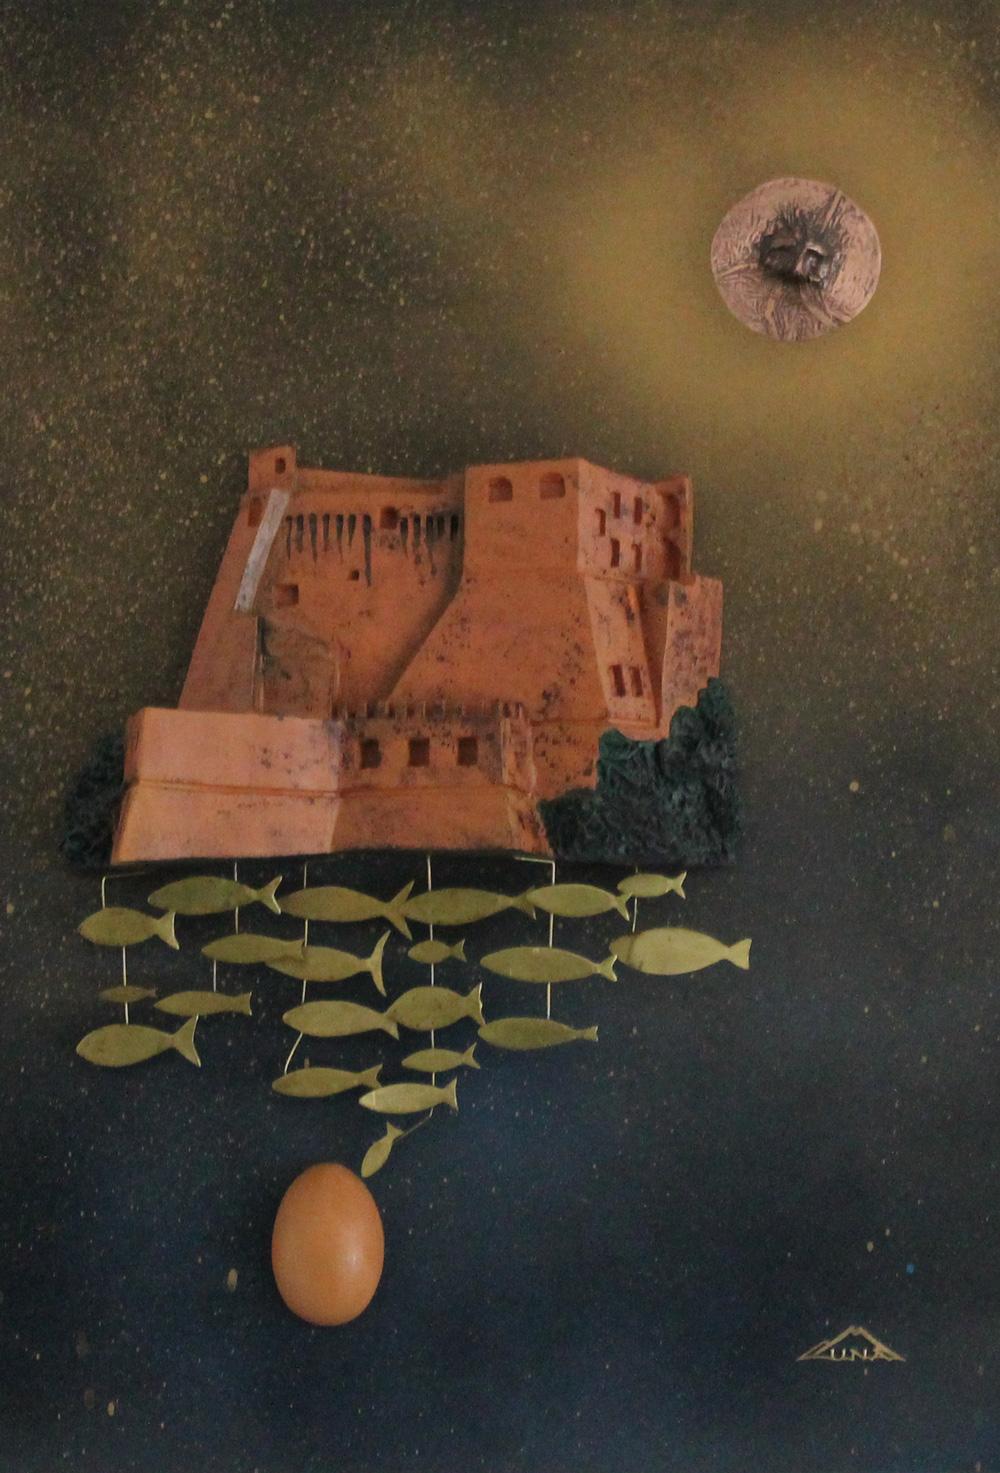 Munà (Claudio Monti) L'anima del golfo Installazione di terracotta su lastra metallica 35x40 cm